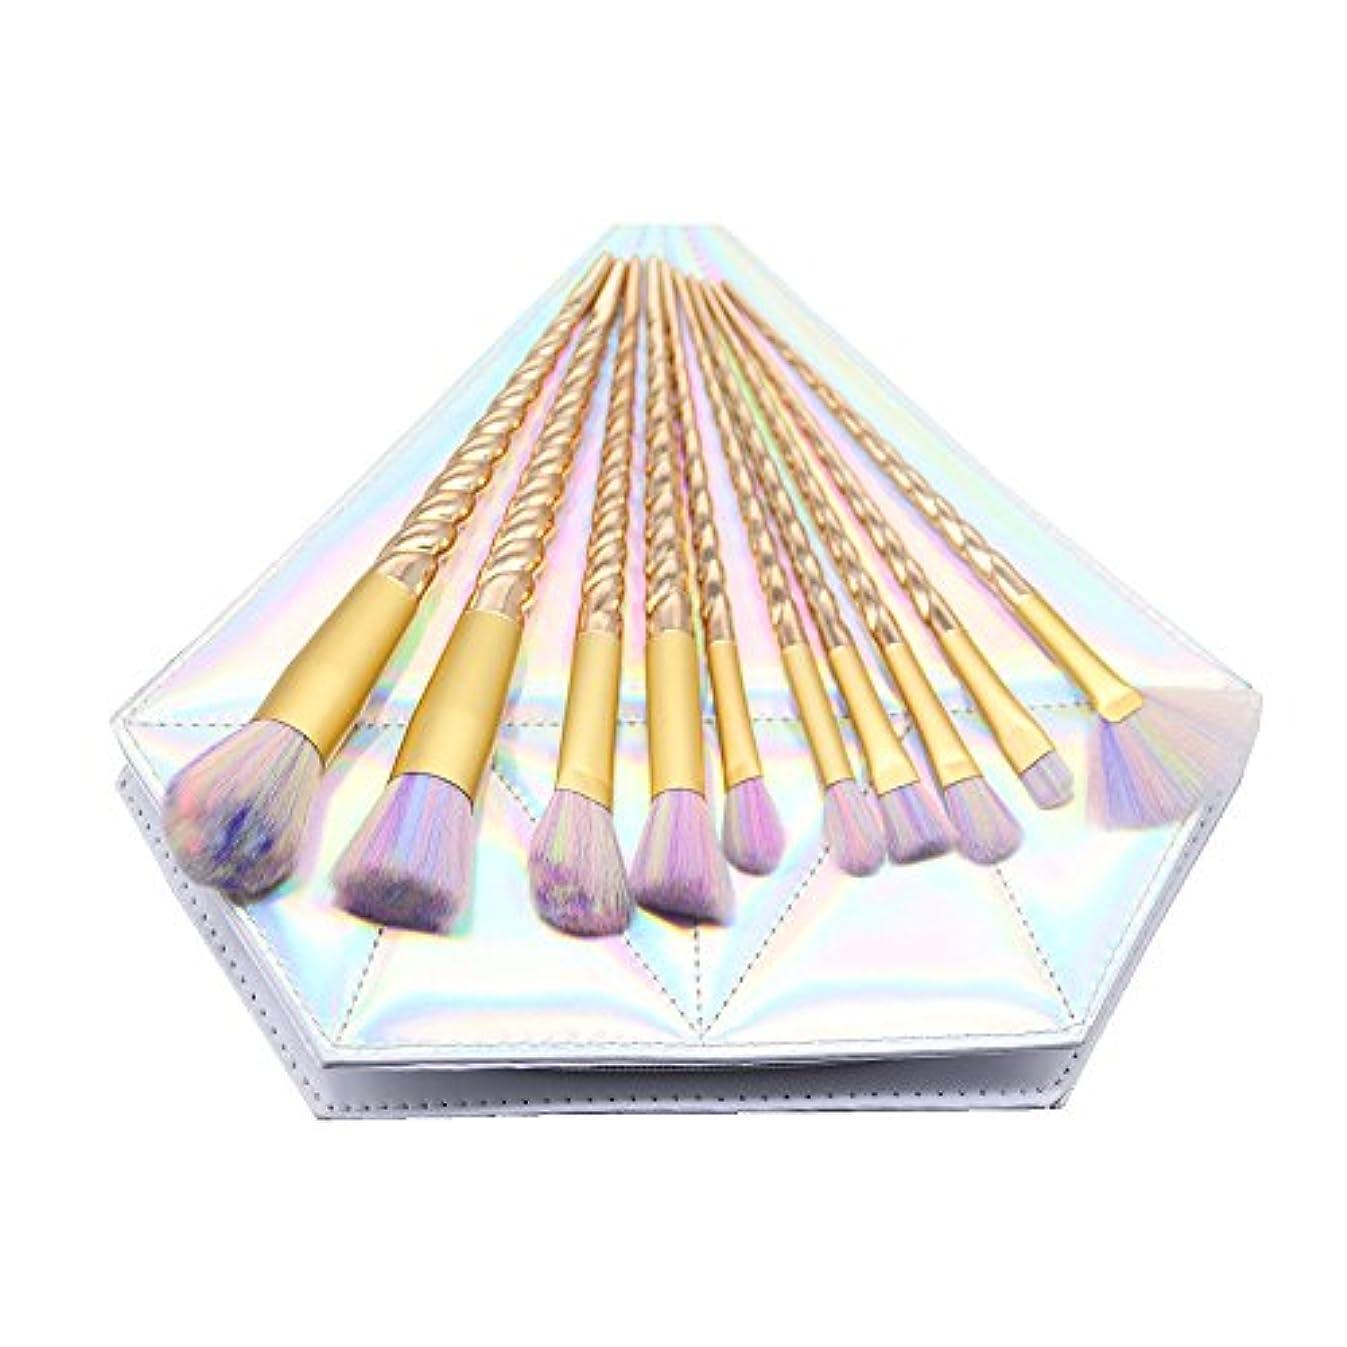 オゾン自動フリースDilla Beauty メイクブラシセット 10本セット ユニコーンデザイン プラスチックハンドル 合成毛 ファンデーションブラシ アイシャドーブラッシャー 美容ツール 化粧品のバッグ付き